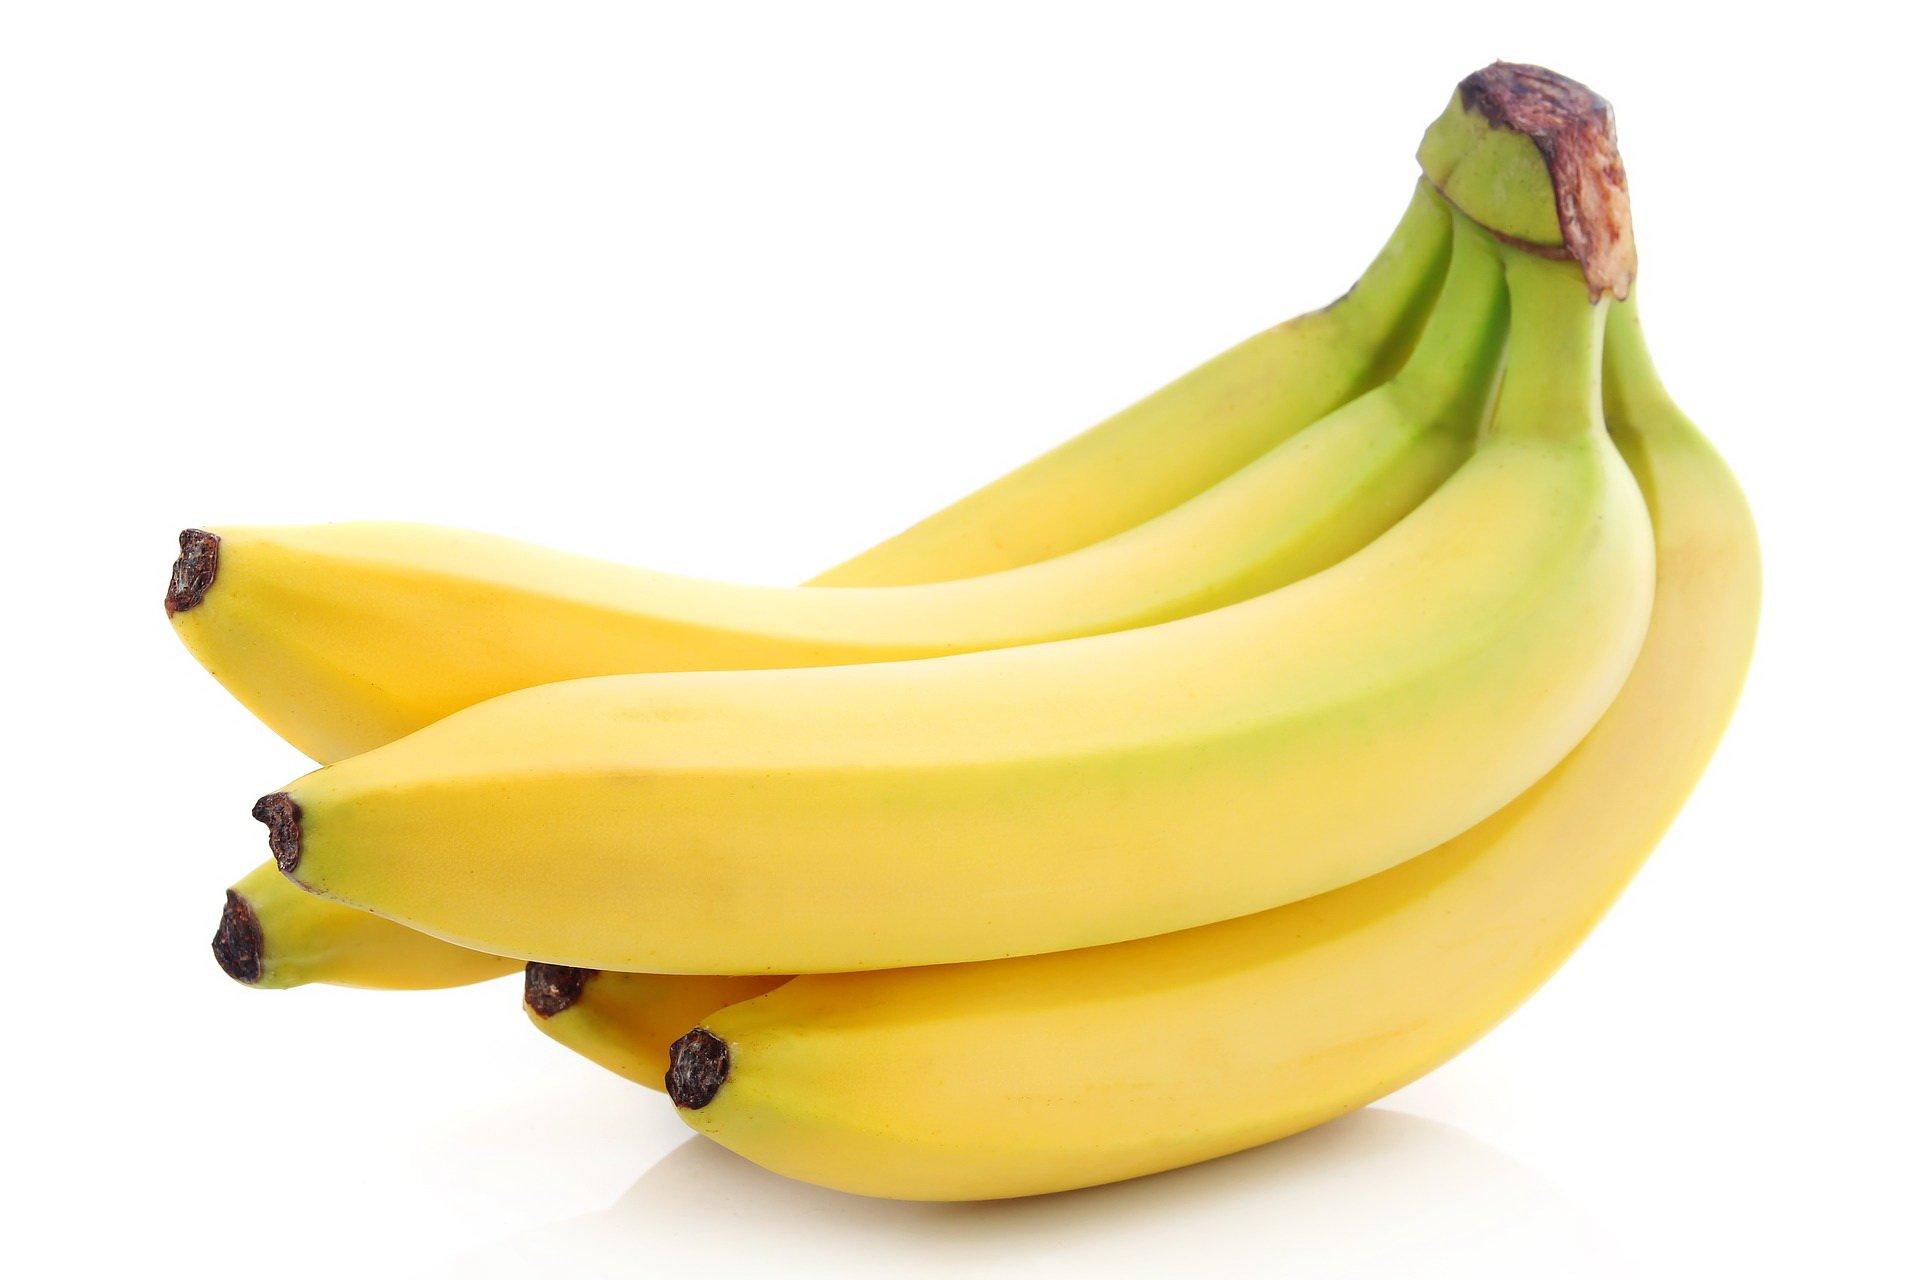 zagadki o owocach z odpowiedziami